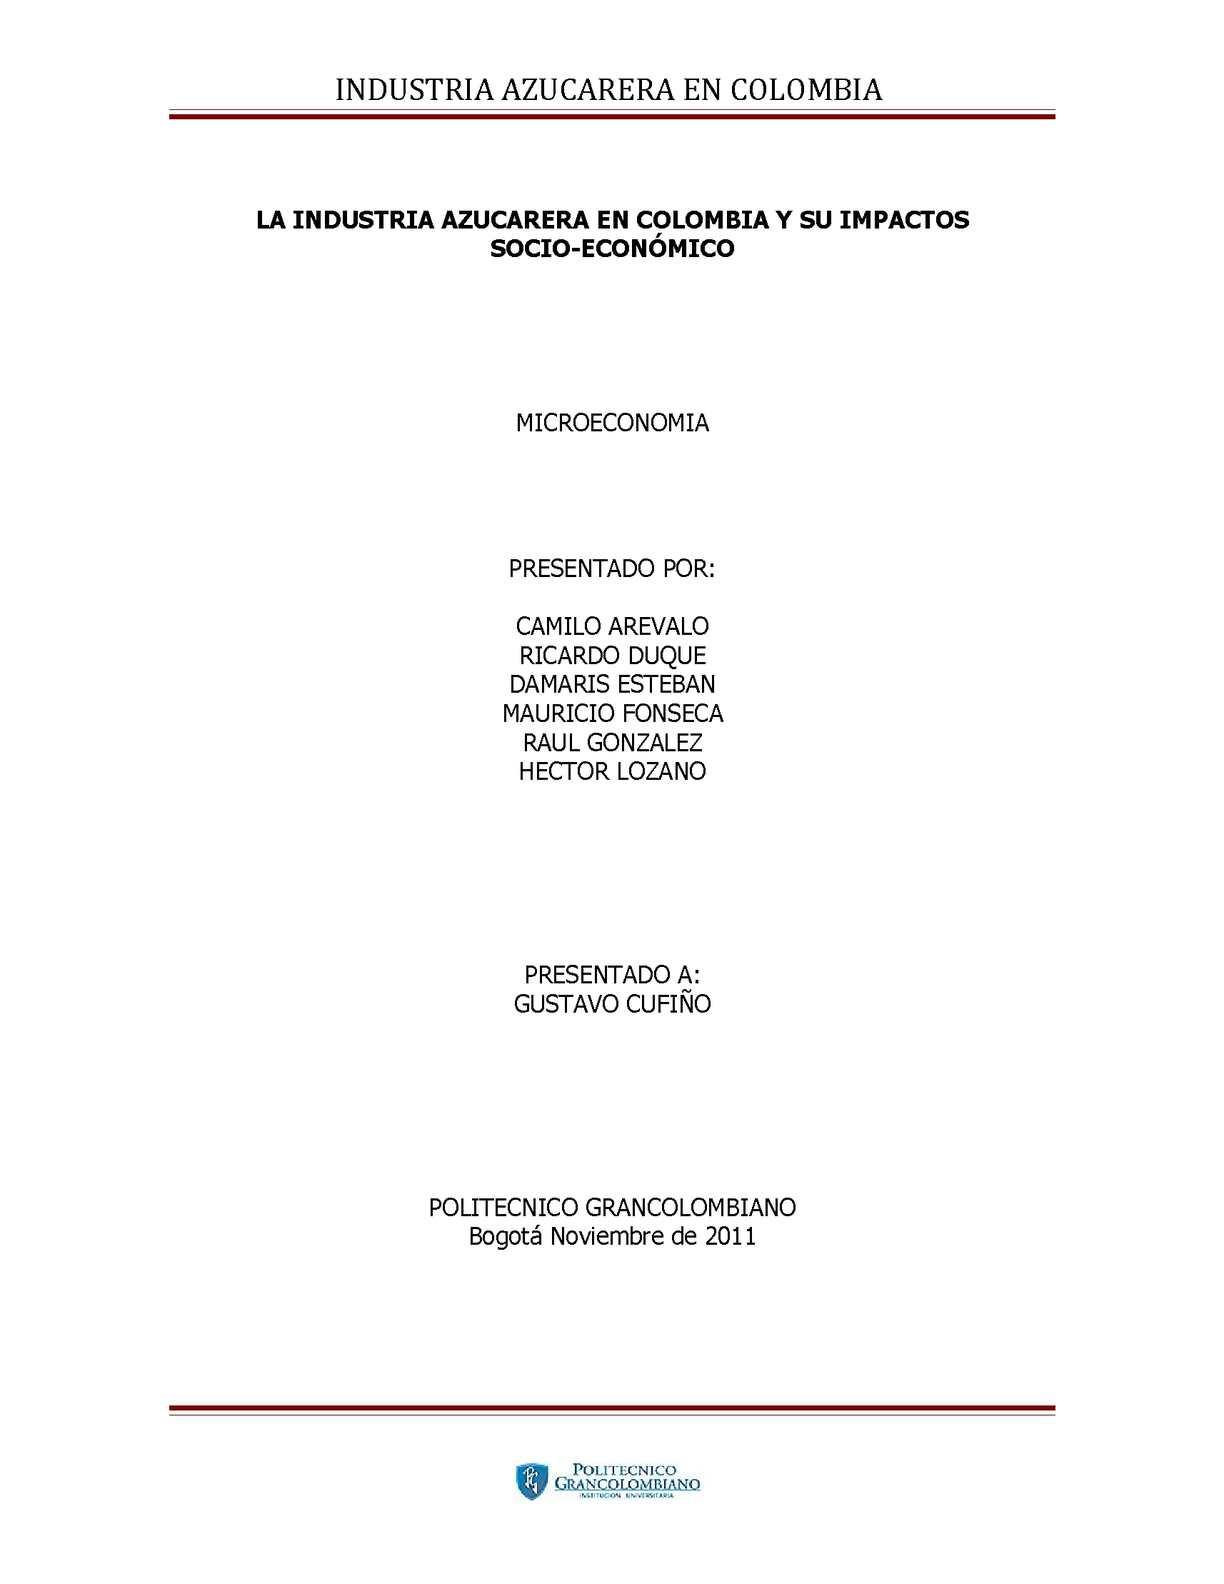 La Industria Azucarera en Colombia y su impacto Socio-Económico